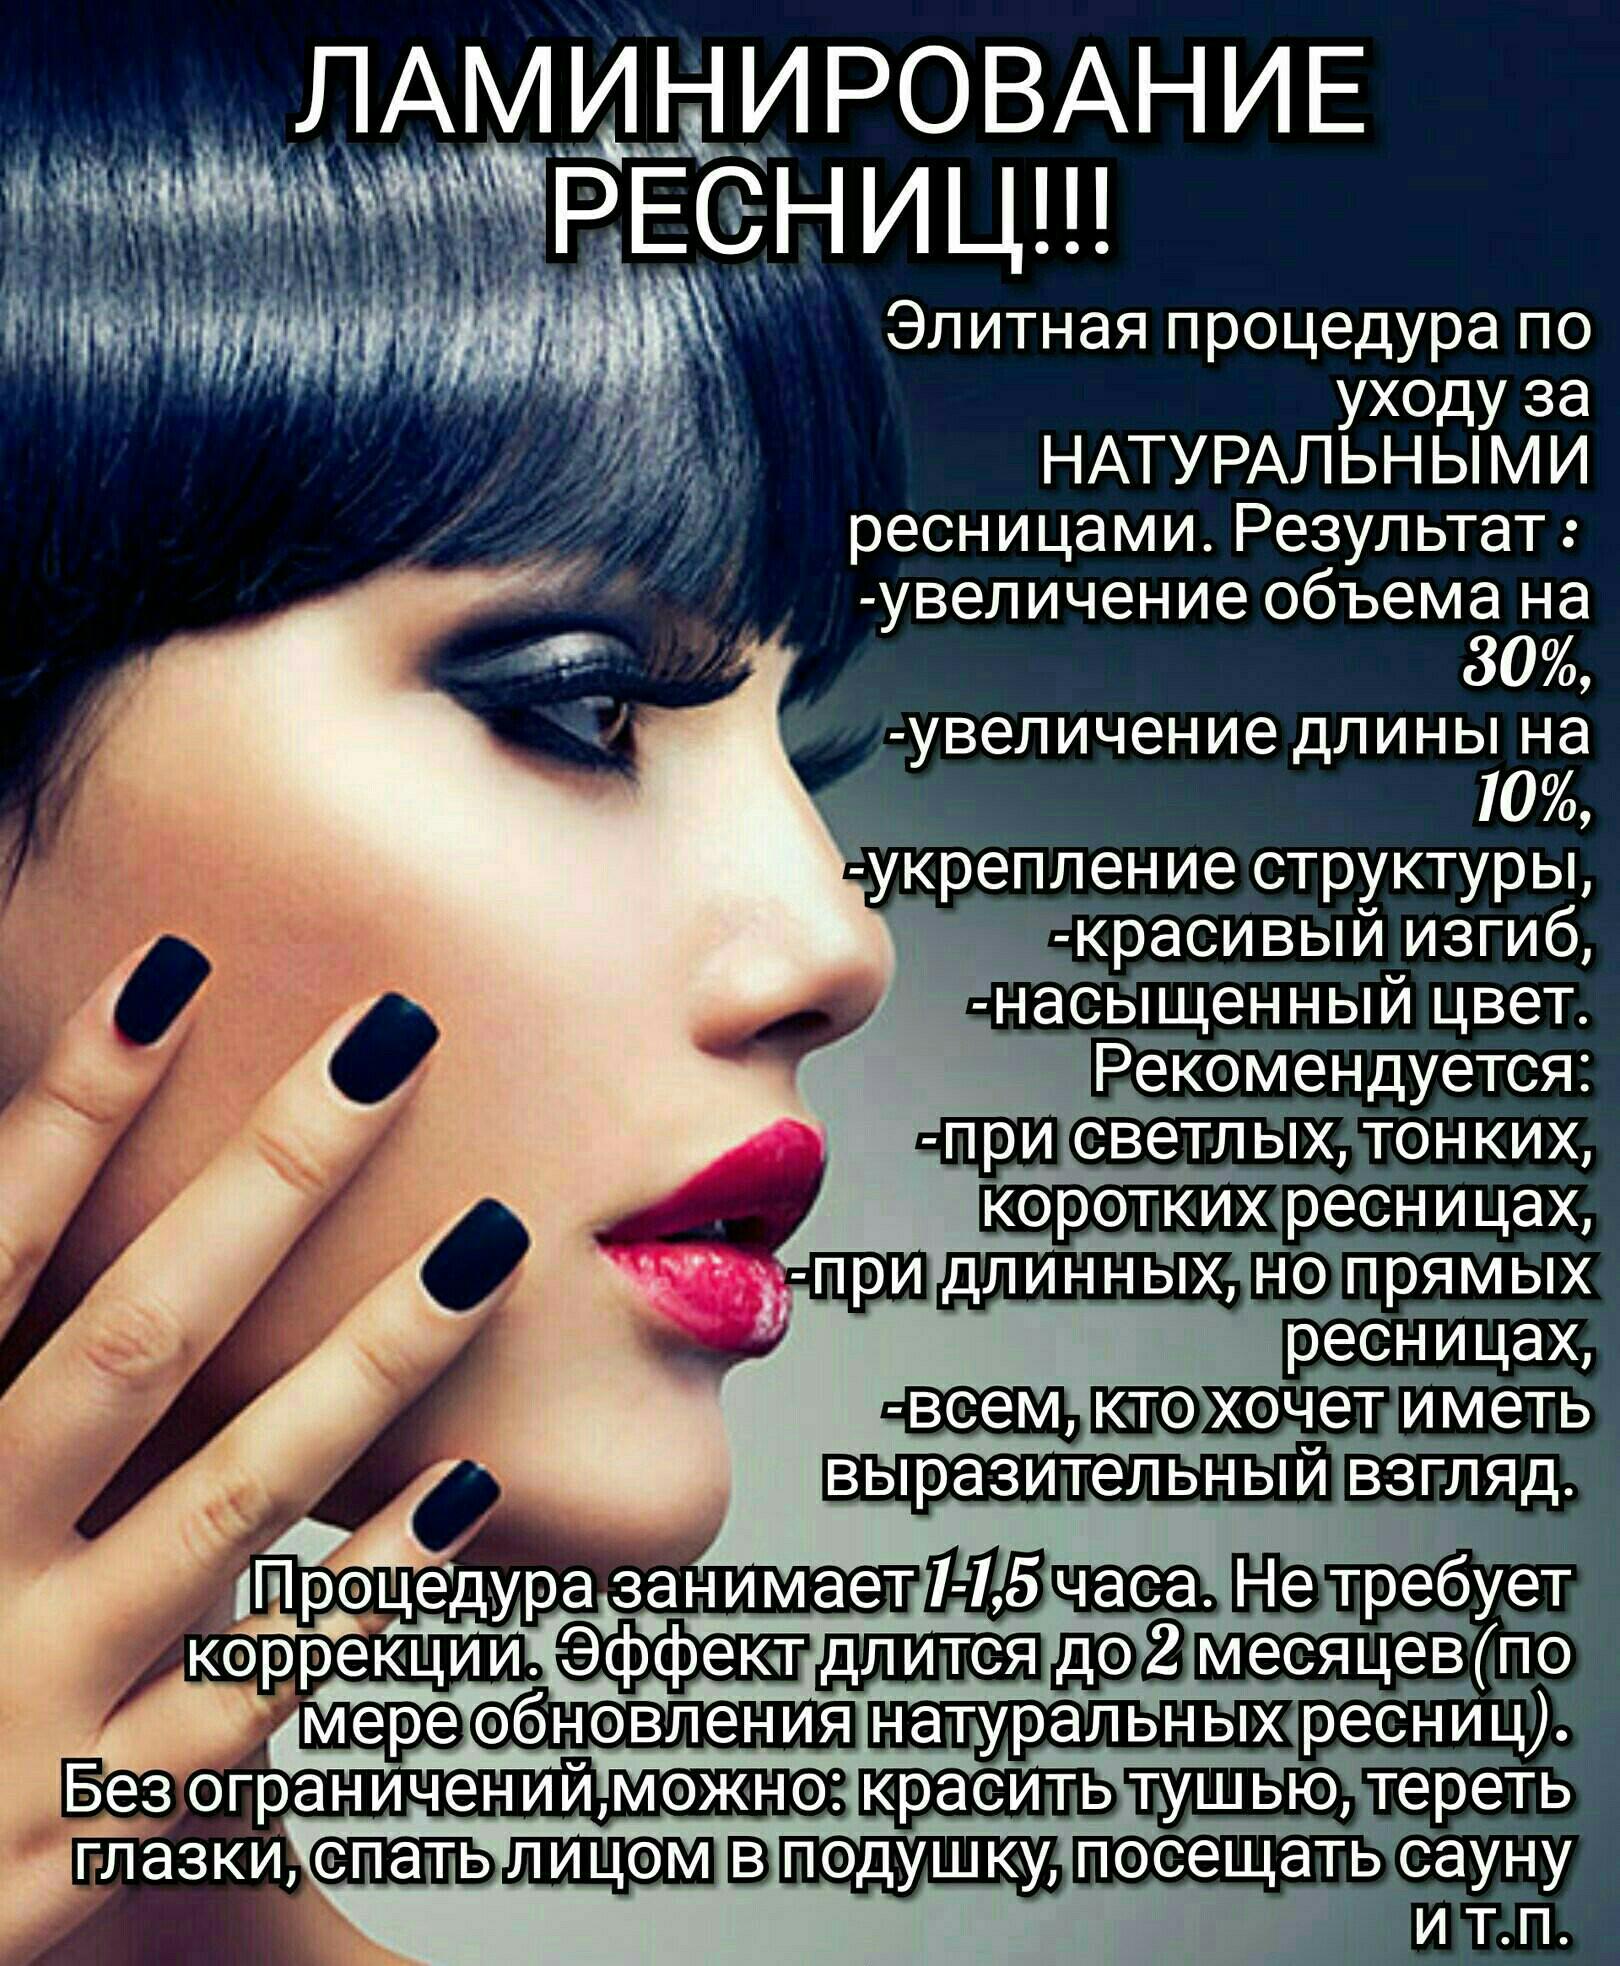 ИЩУ МОДЕЛЕЙ НА ЛАМИНИРОВАНИЕ РЕСНИЦ С БОТОКСОМ 700 Р!